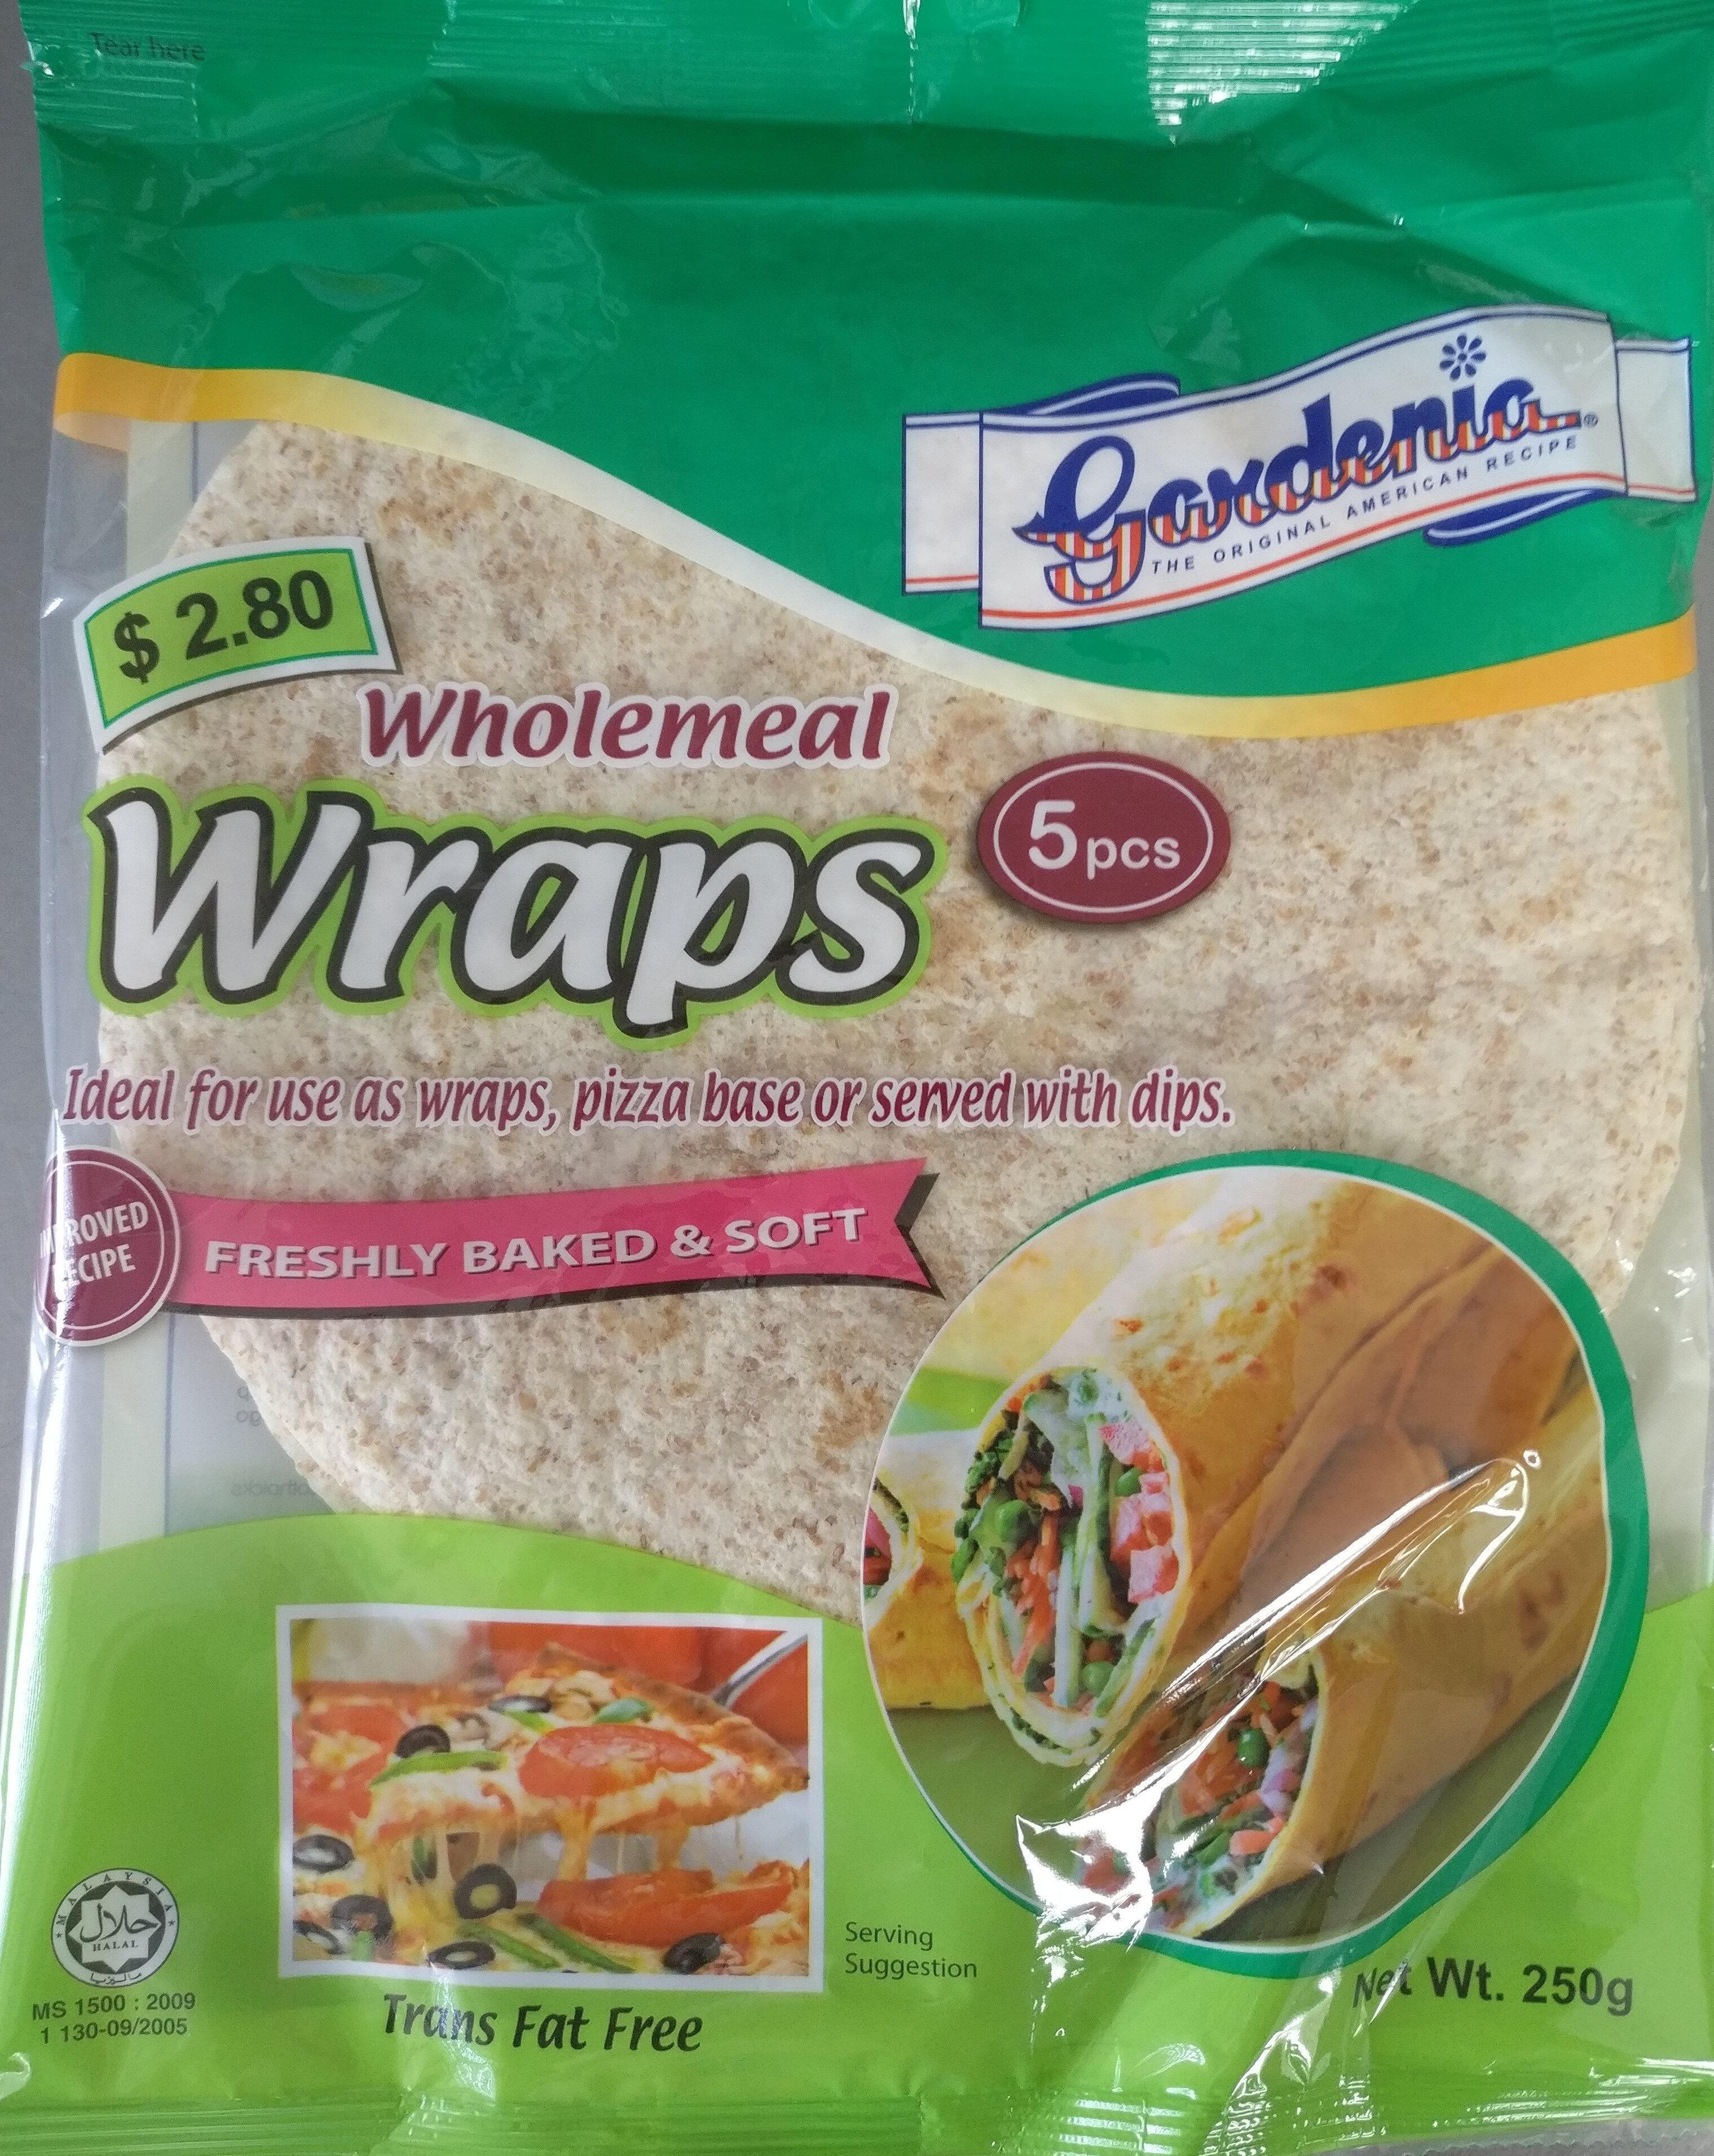 Wholemeal Wraps 5pcs - Produit - en